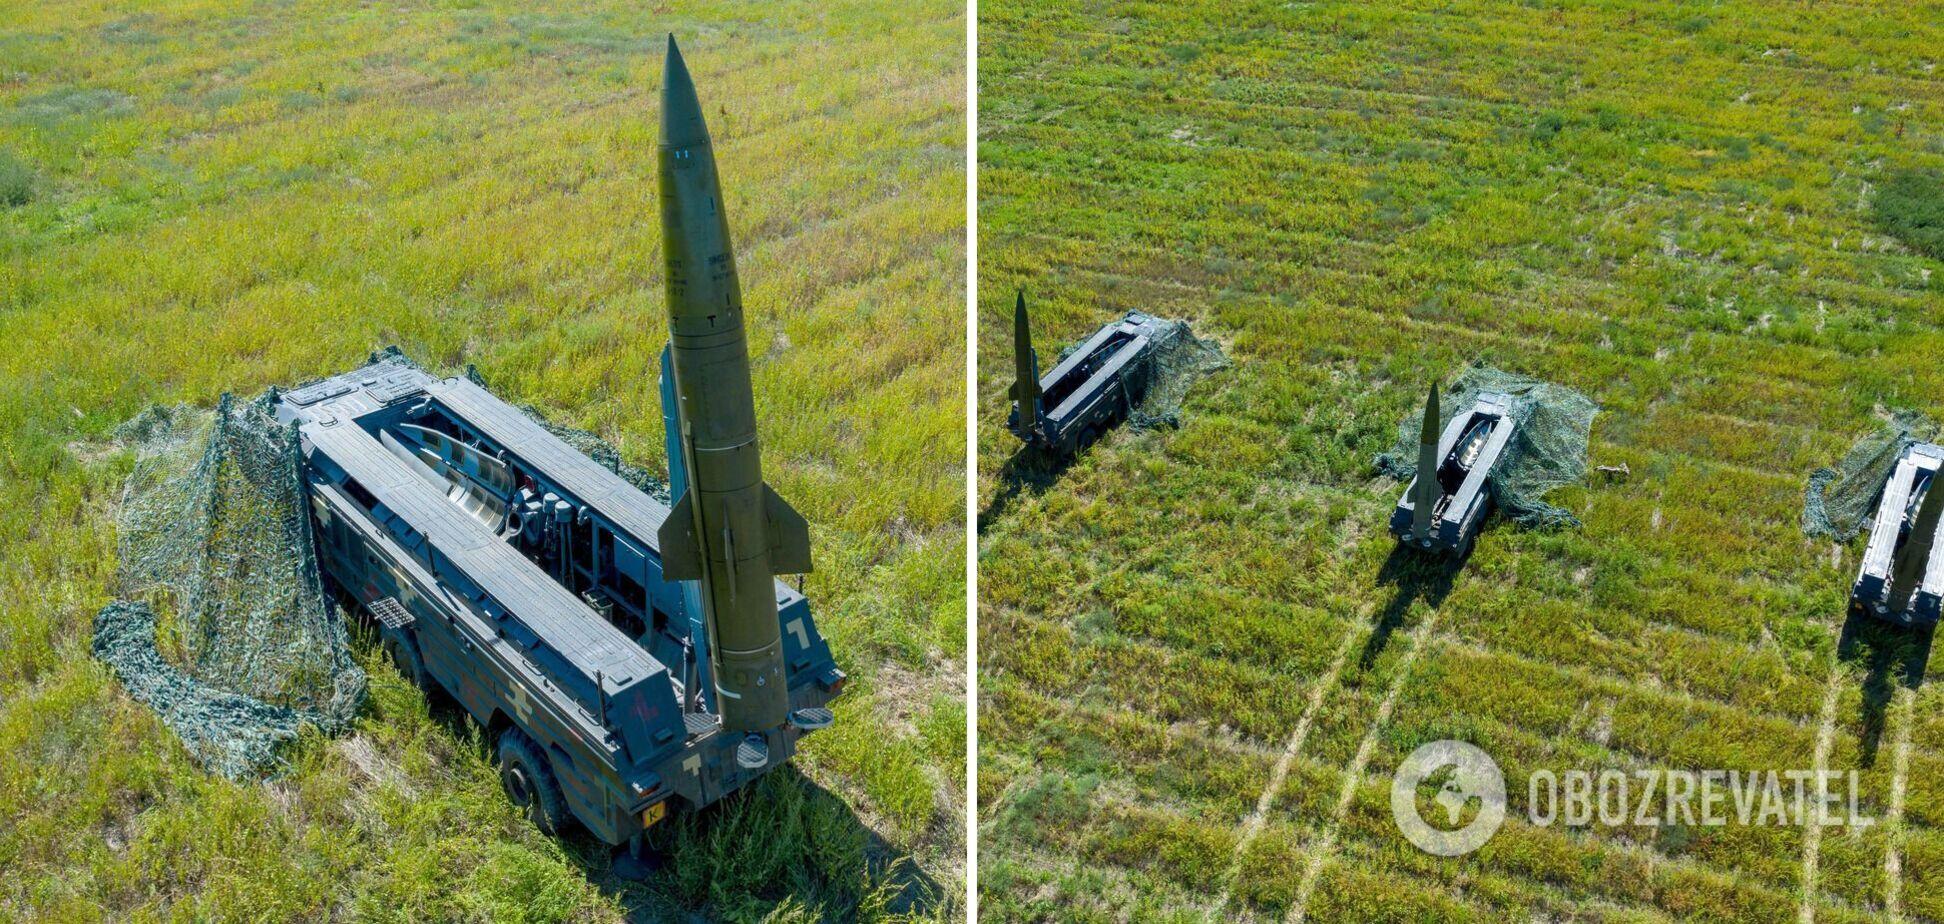 Українські військові відпрацювали ракетні удари по 'ворогу' з ТРК 'Точка У'. Фото і відео